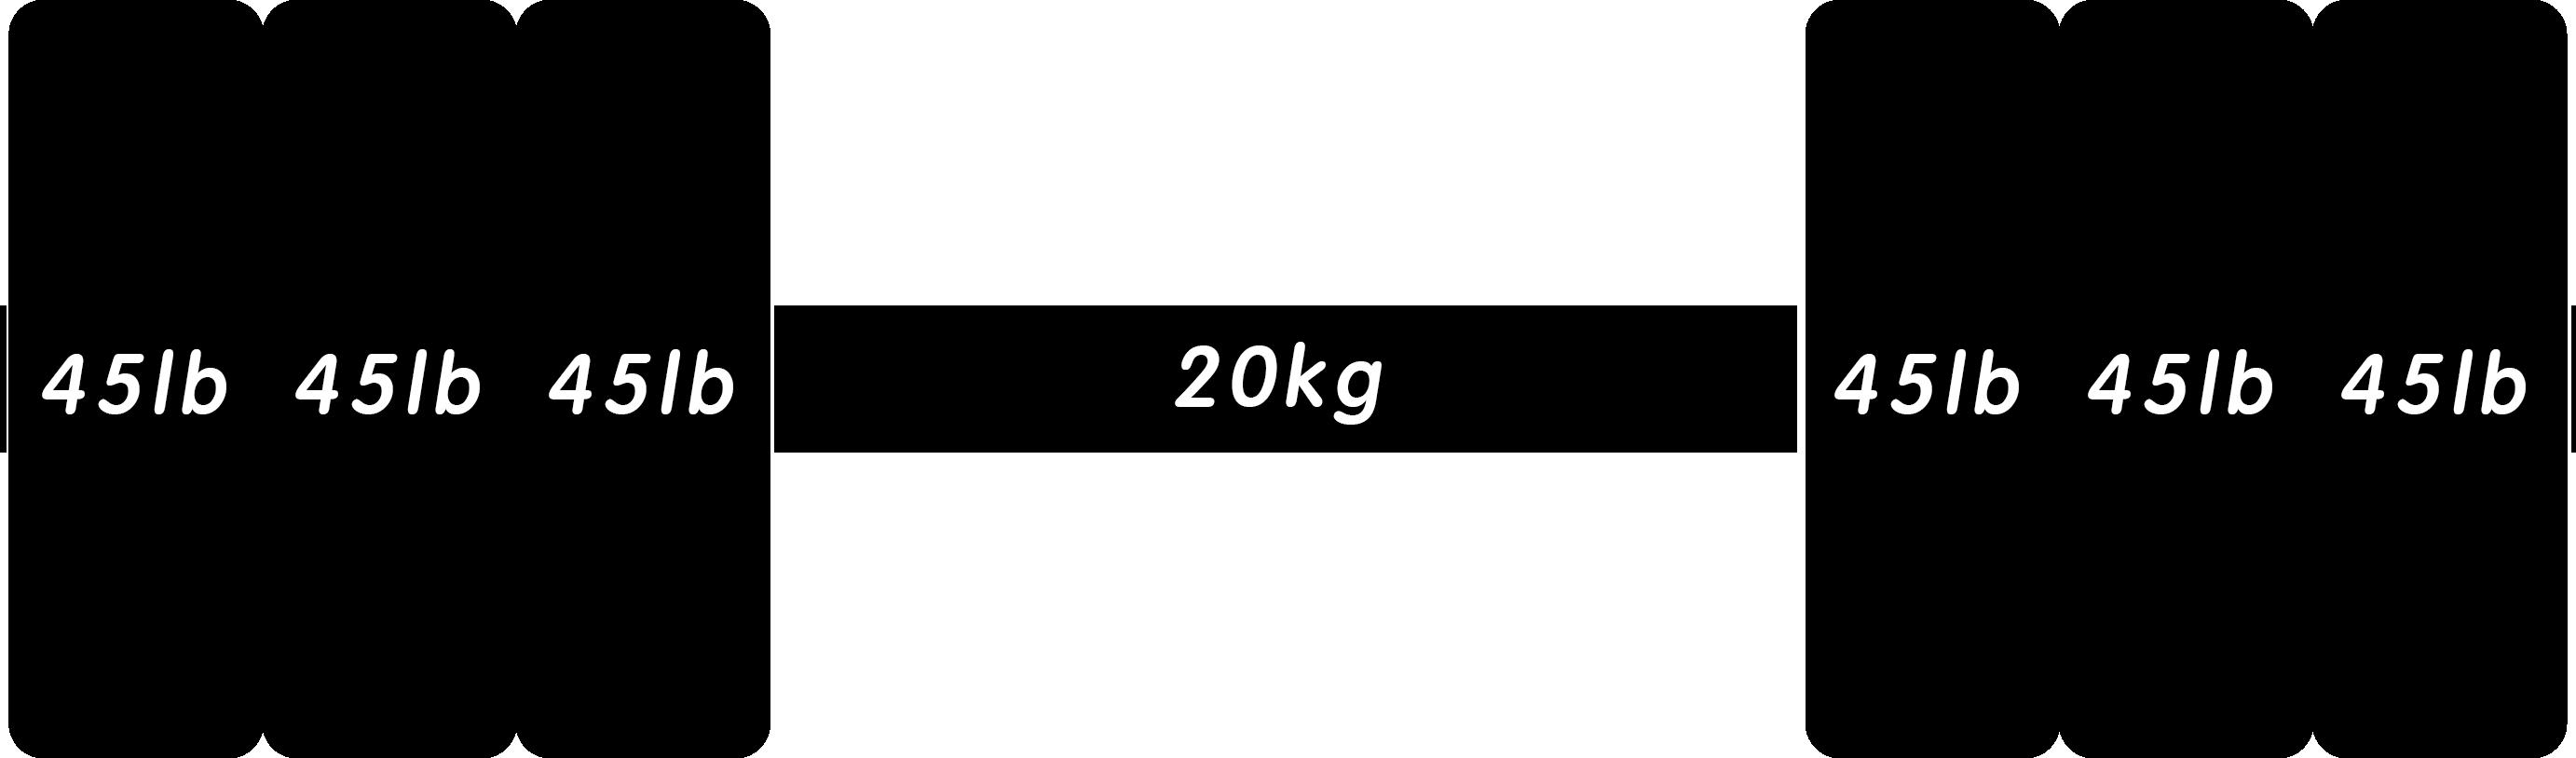 バーベル315lb(ポンド)